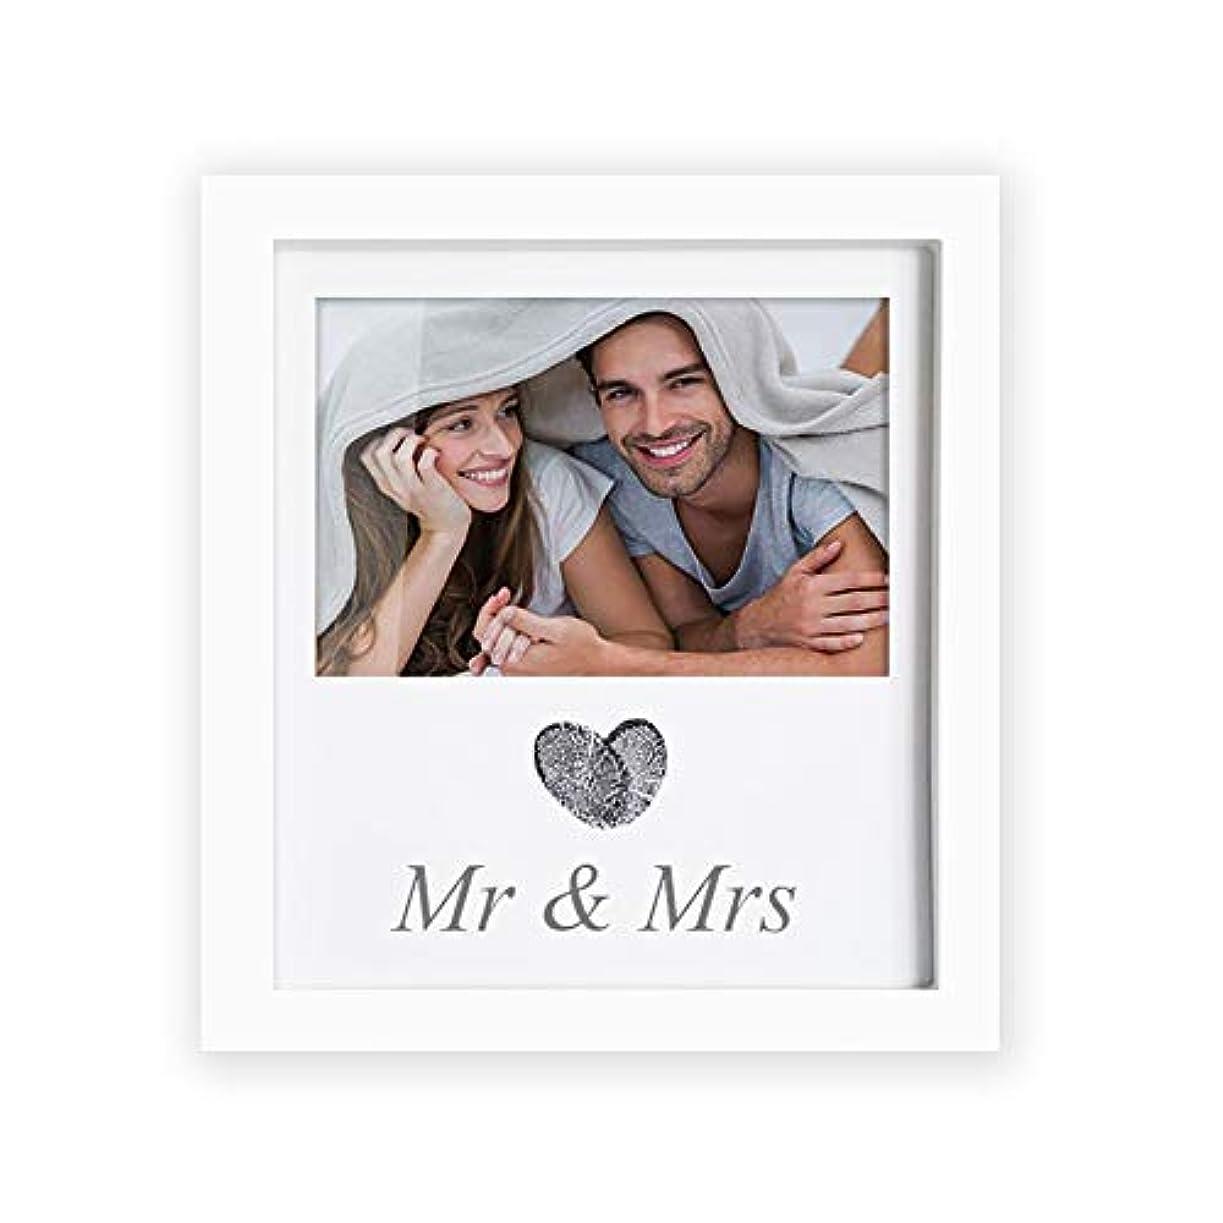 モットー研磨ブラザー手形足形フレームです 拇印ウエディング記念品フォトフレームウェディングギフトのために新婚夫婦 ベビー ギフト 新生児 記念 ギフト (Color : White, Size : One size)